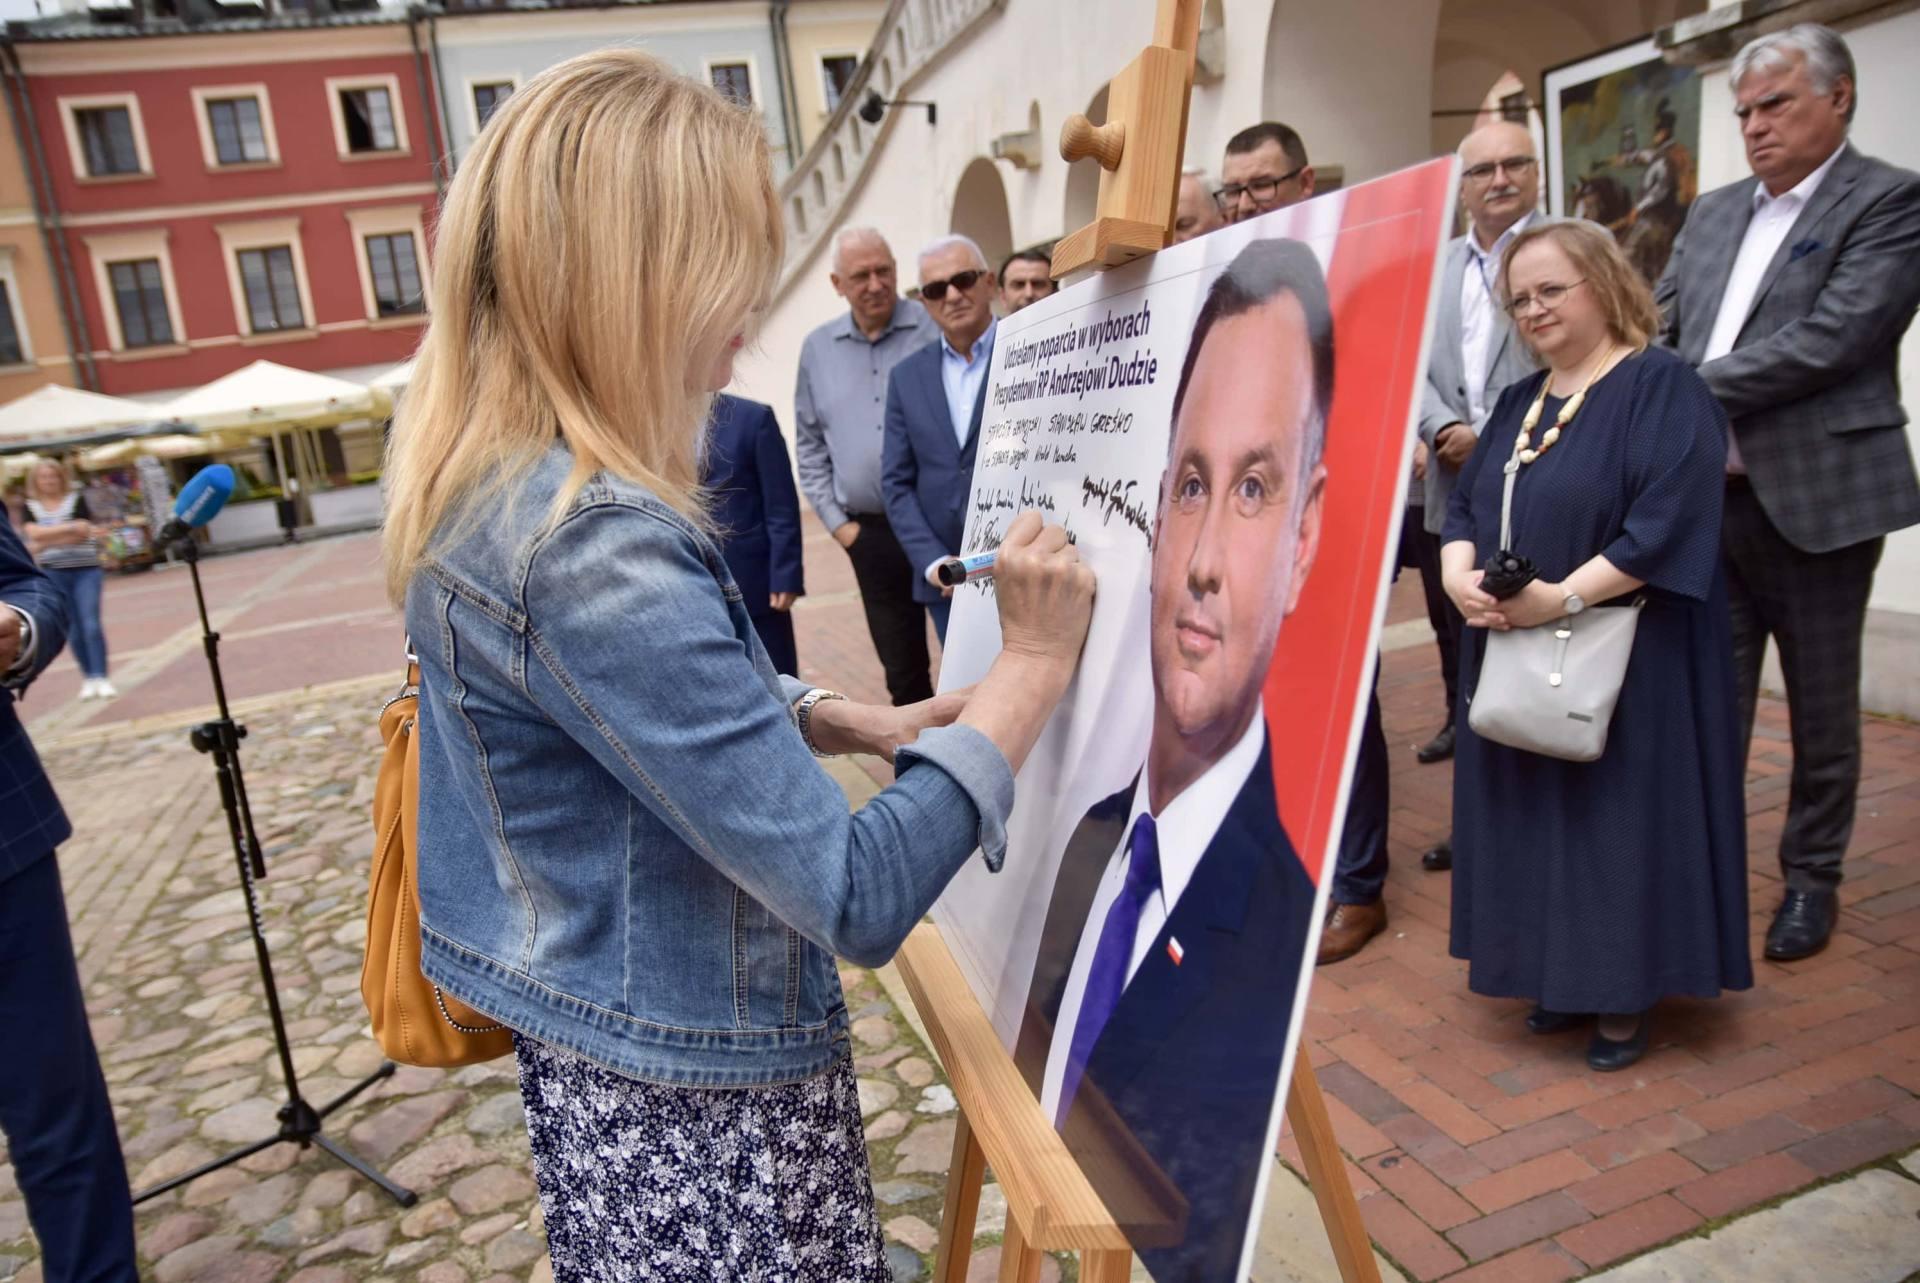 dsc 7782 Zamość: Udzielili poparcia prezydentowi Andrzejowi Dudzie